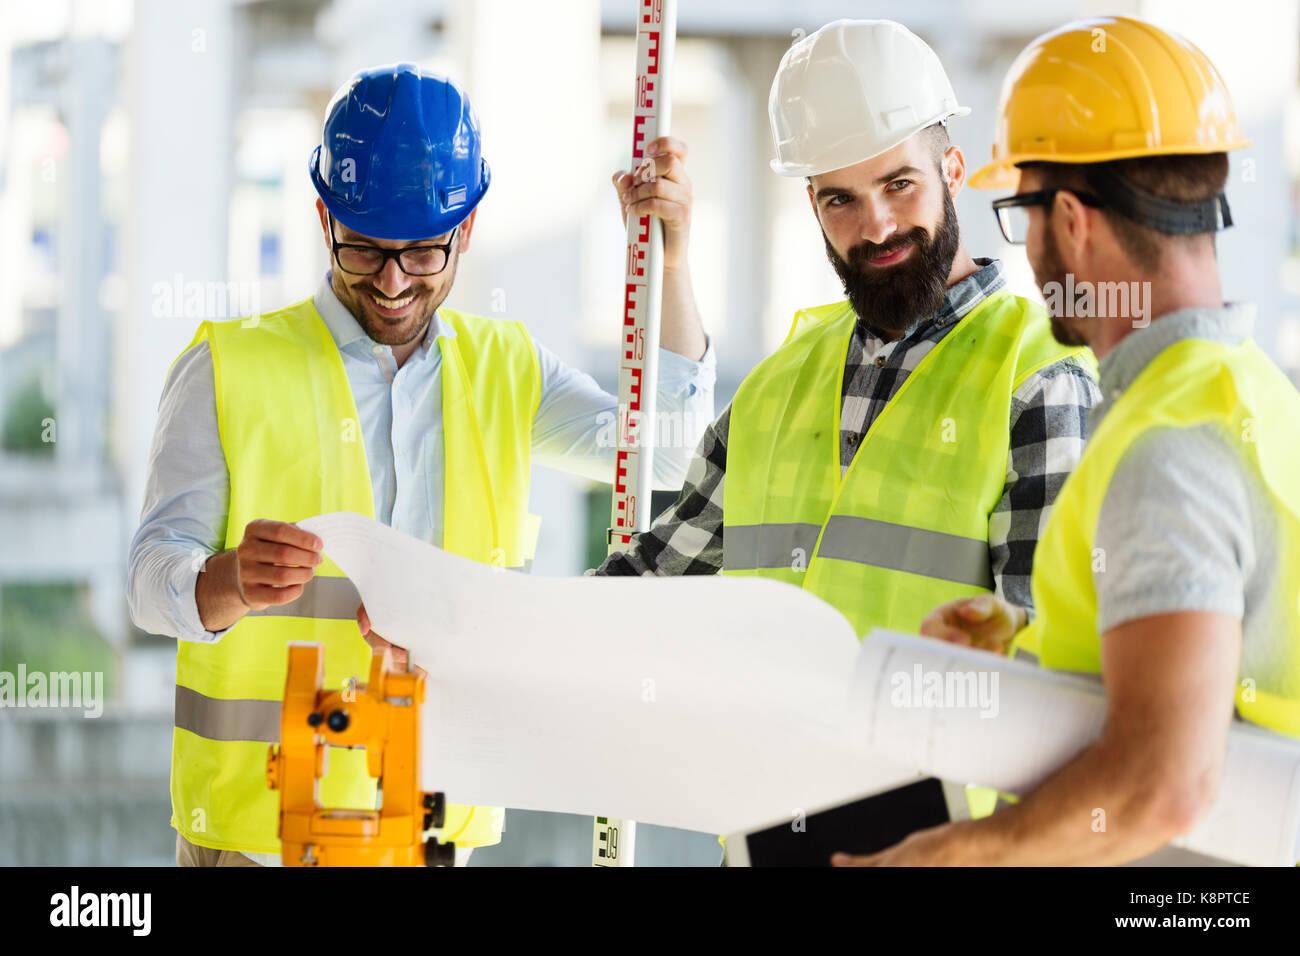 Portrait de la construction ingénieurs travaillant sur chantier Photo Stock